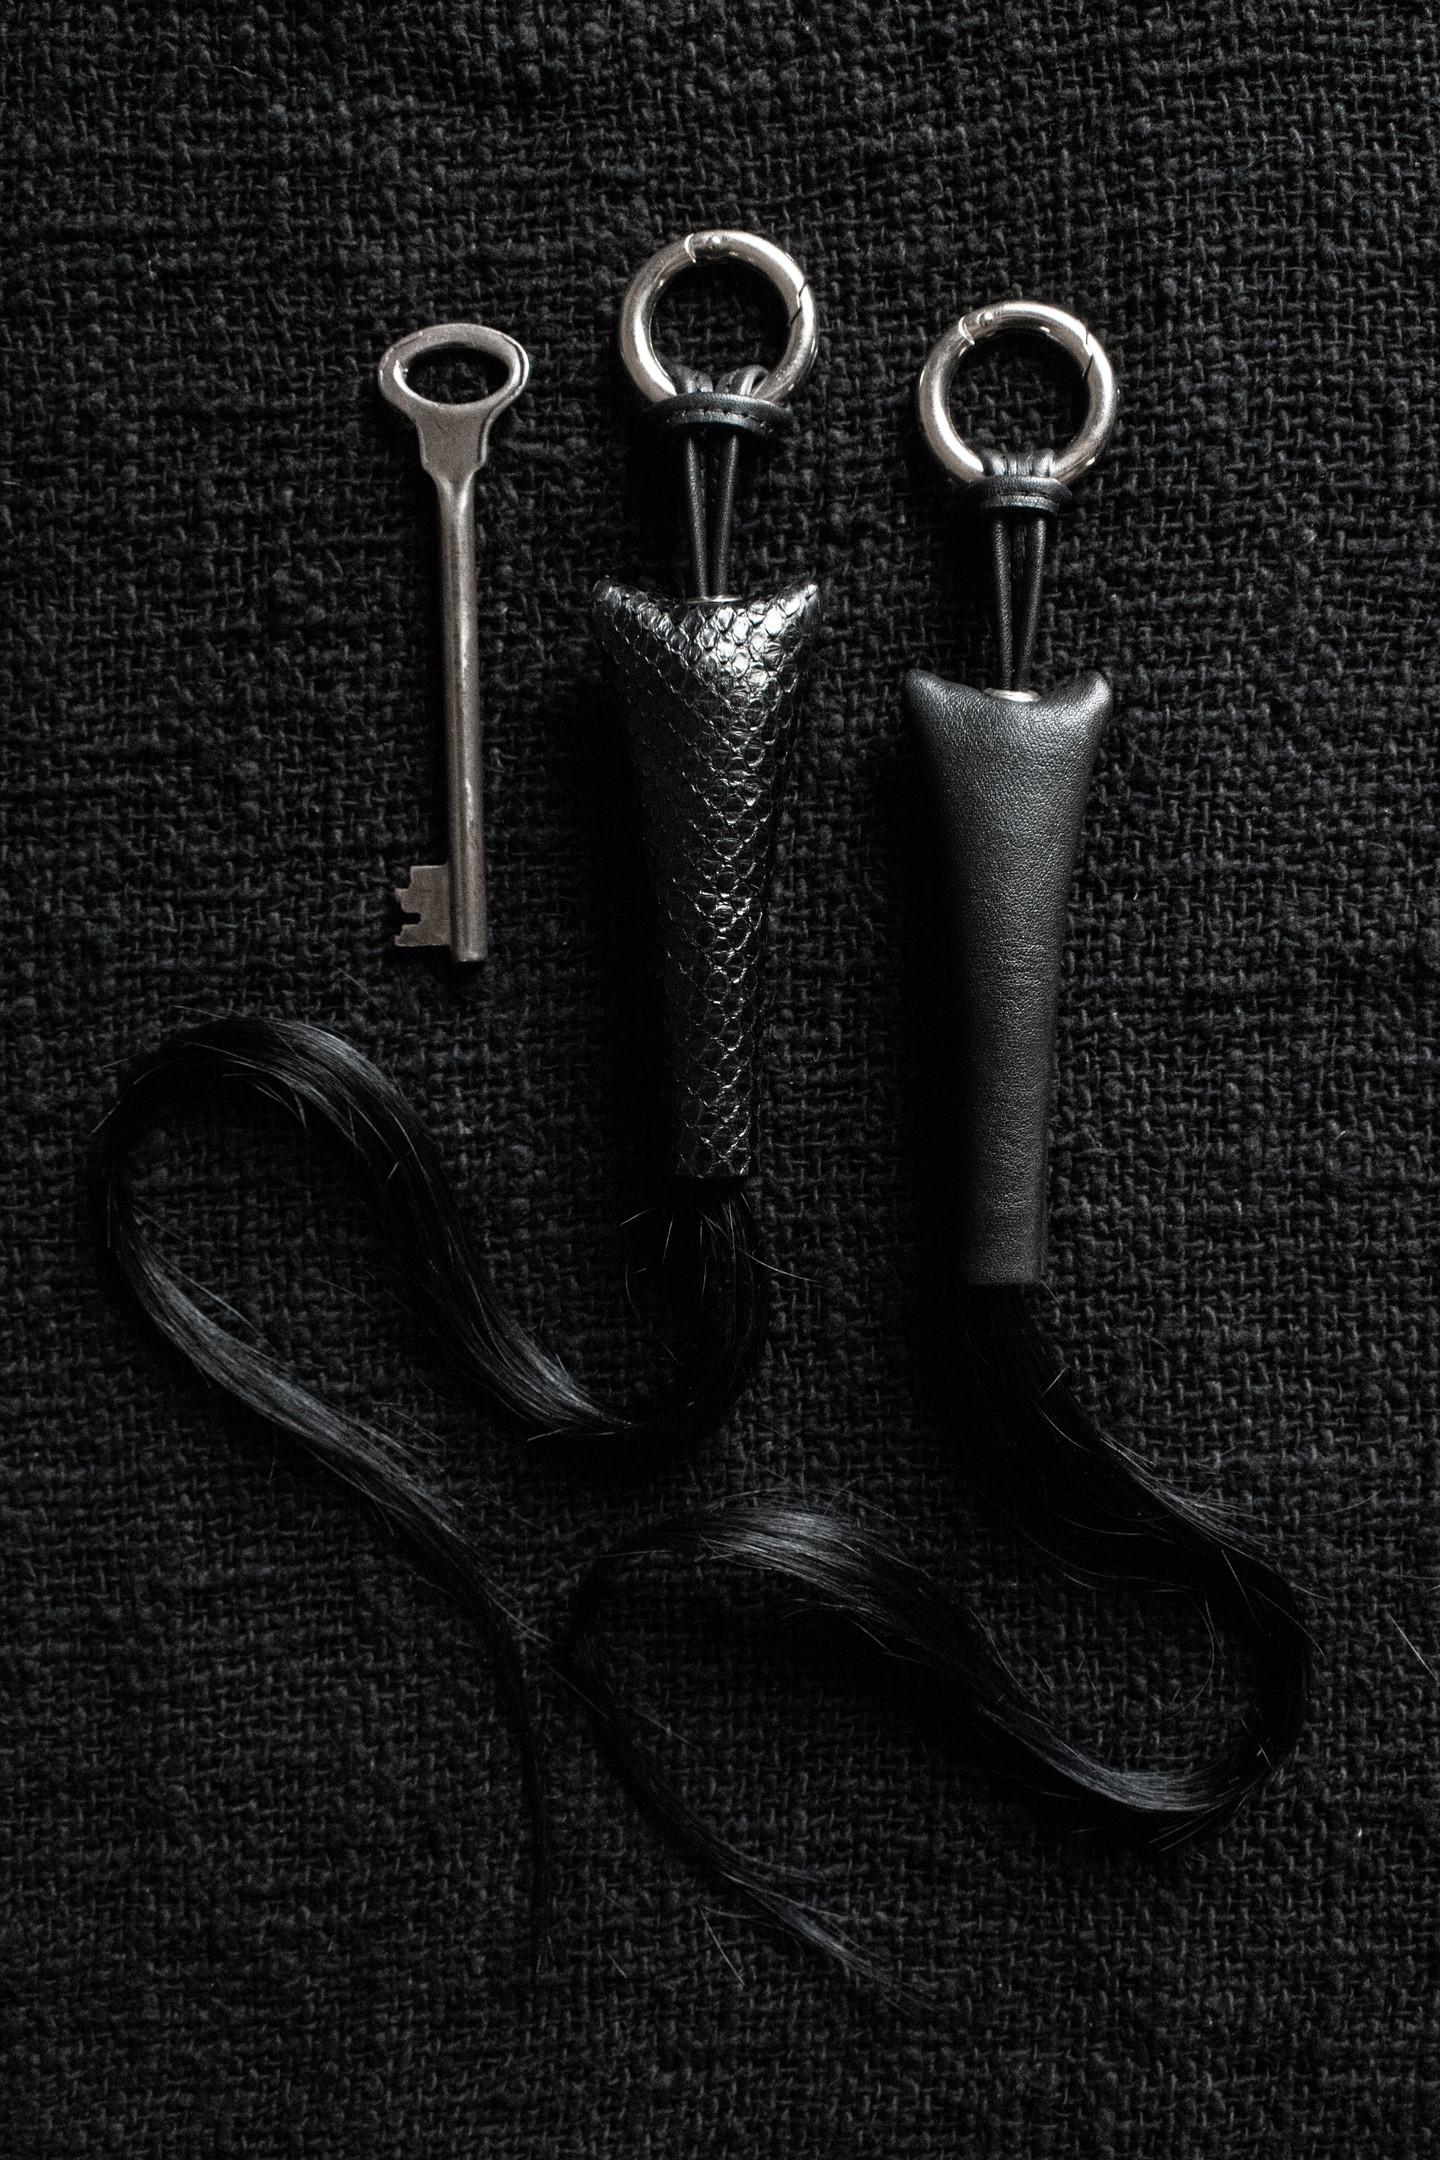 Voodoo Key Holders